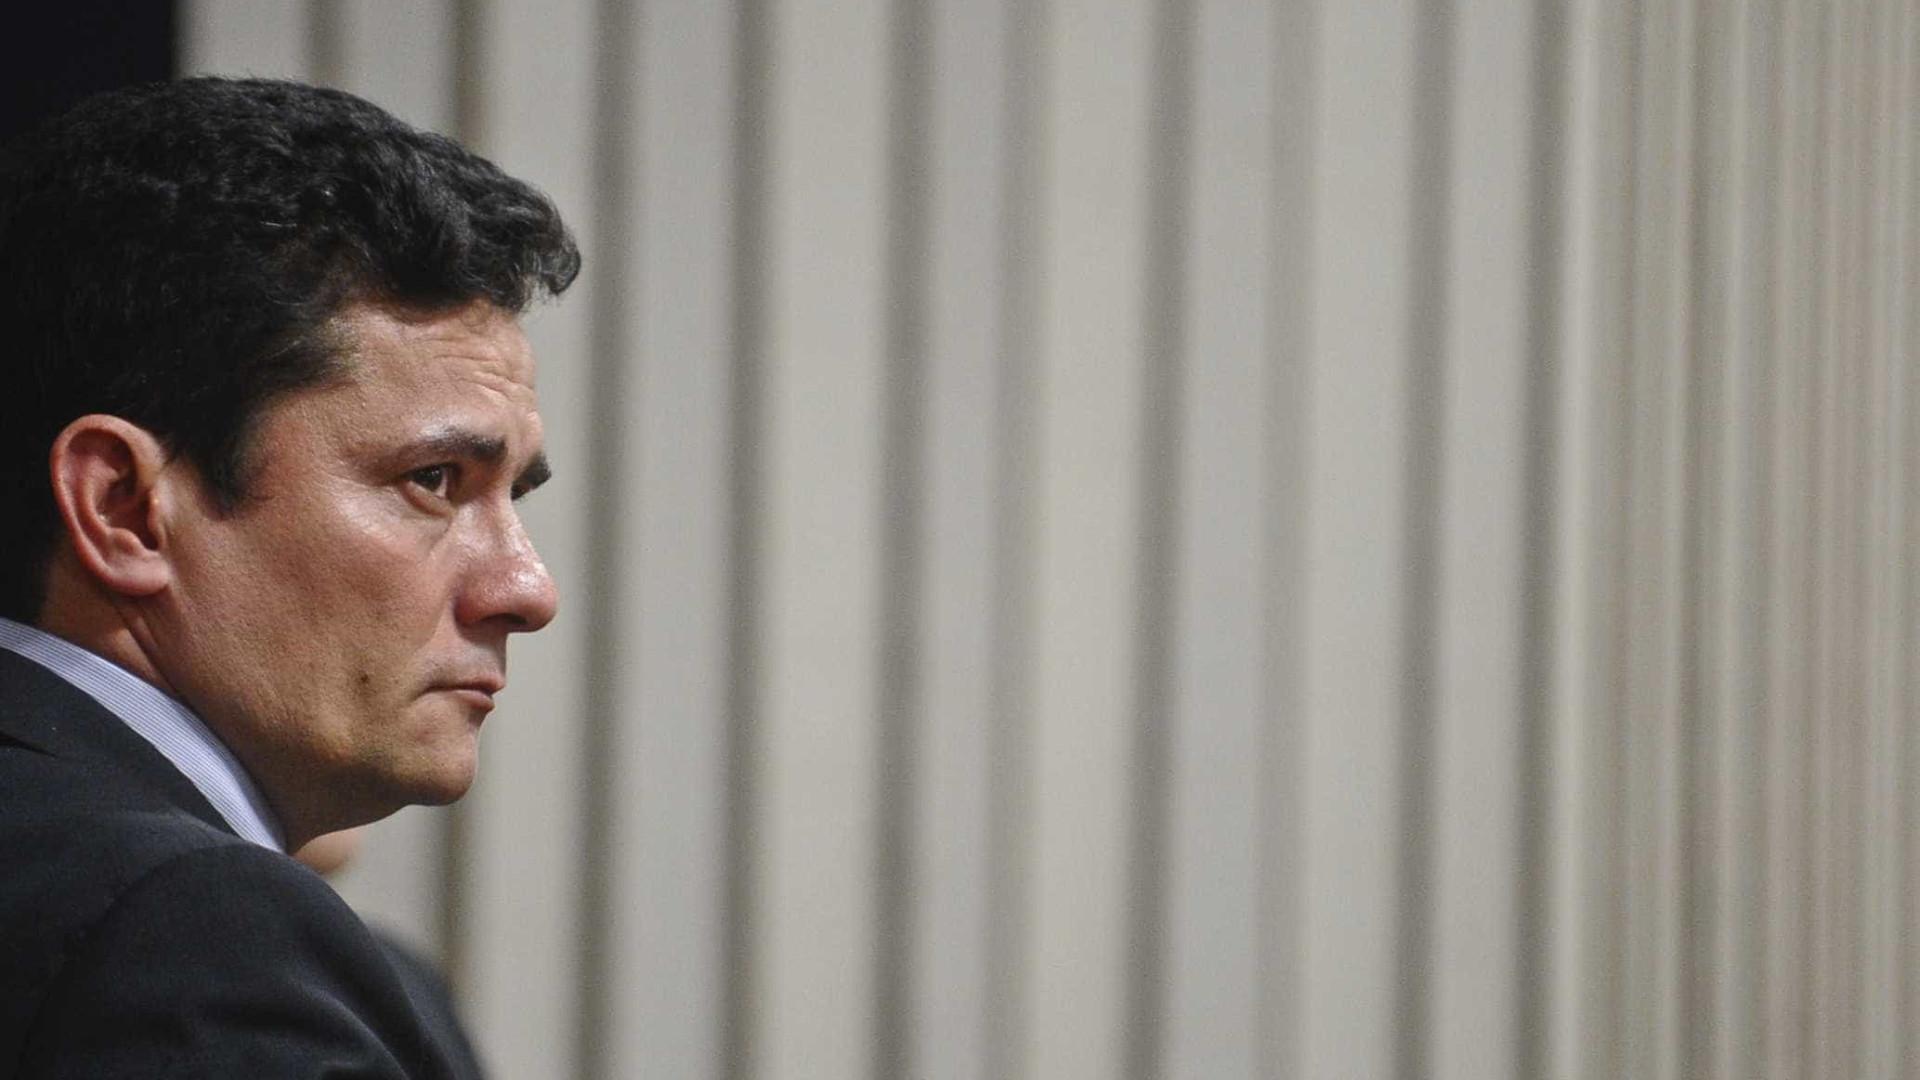 Moro: Cunha praticou crimes  'de forma profissional e sofisticada'